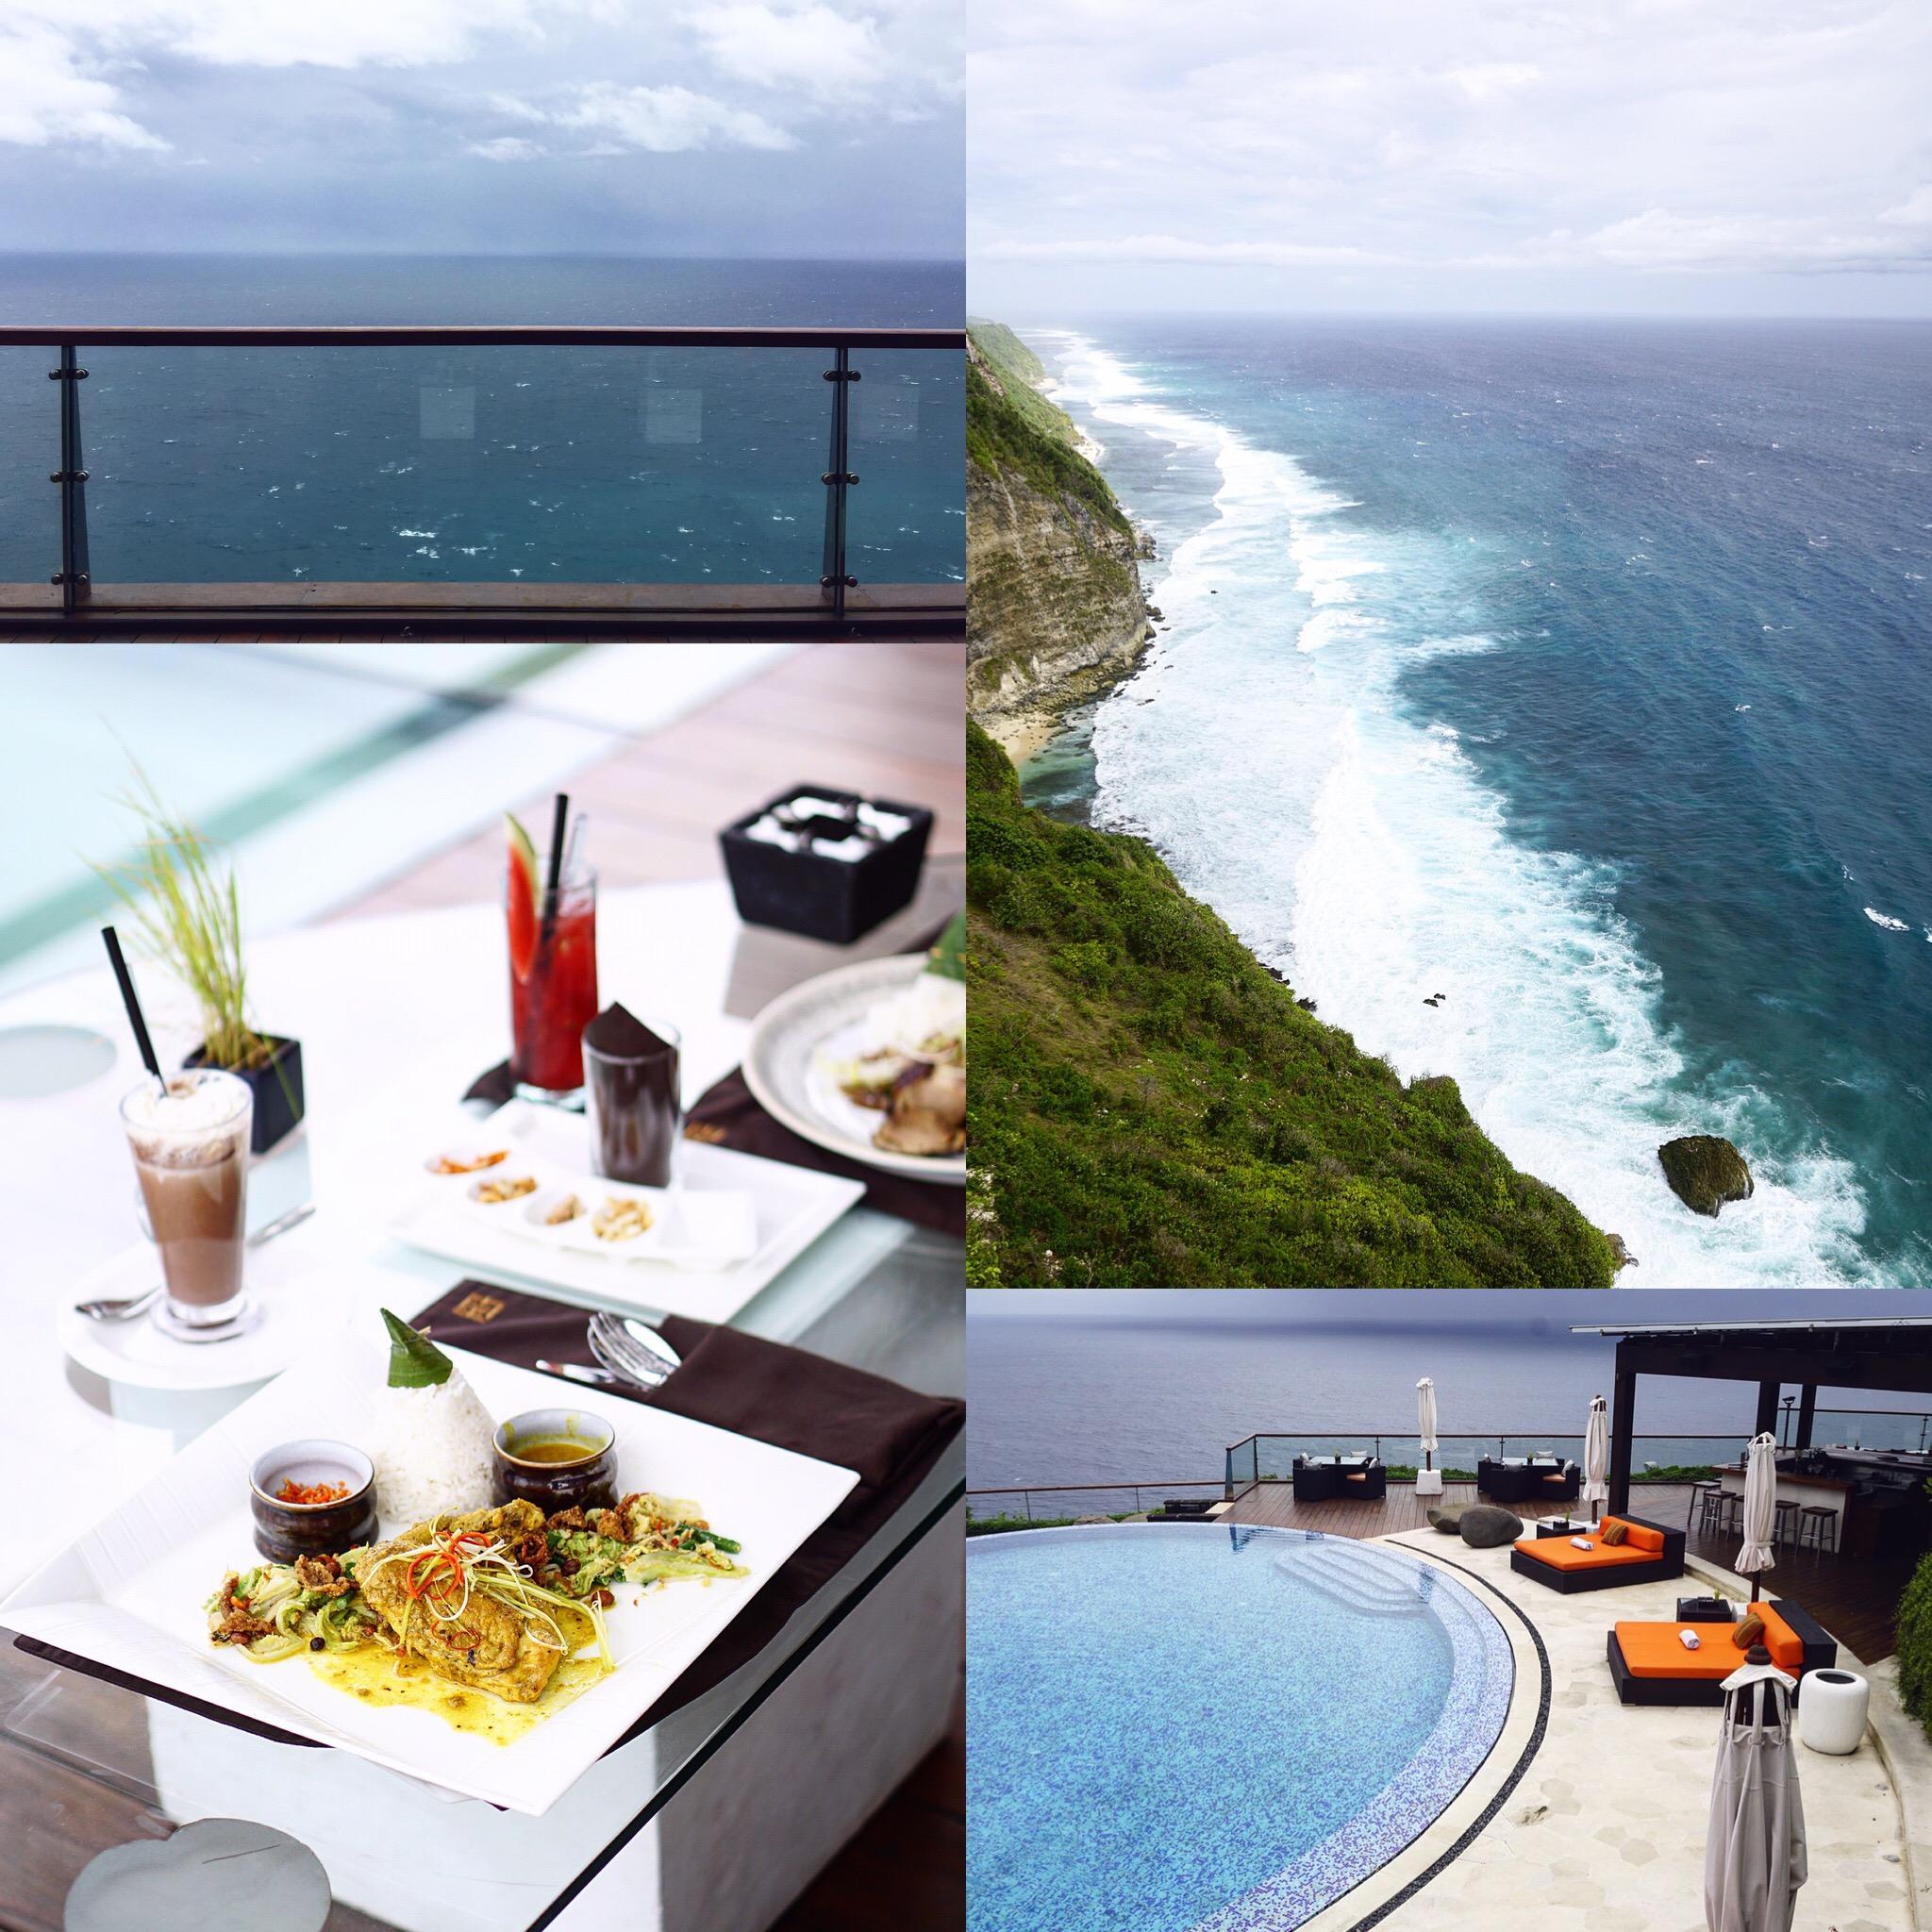 The Edge Bali - Uluwatu